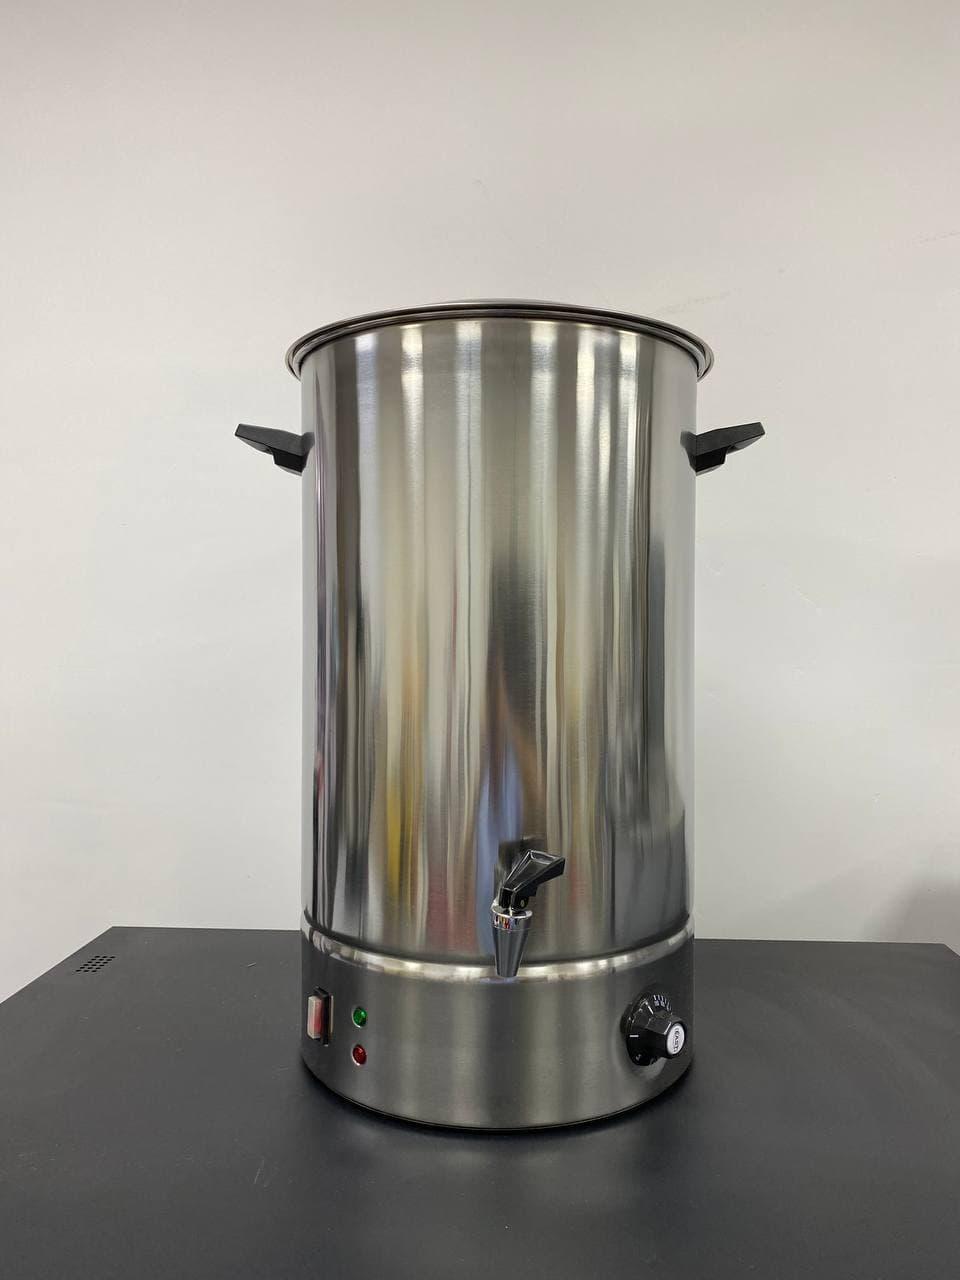 Электро-кипятильник (чаераздатчик) 35 литров